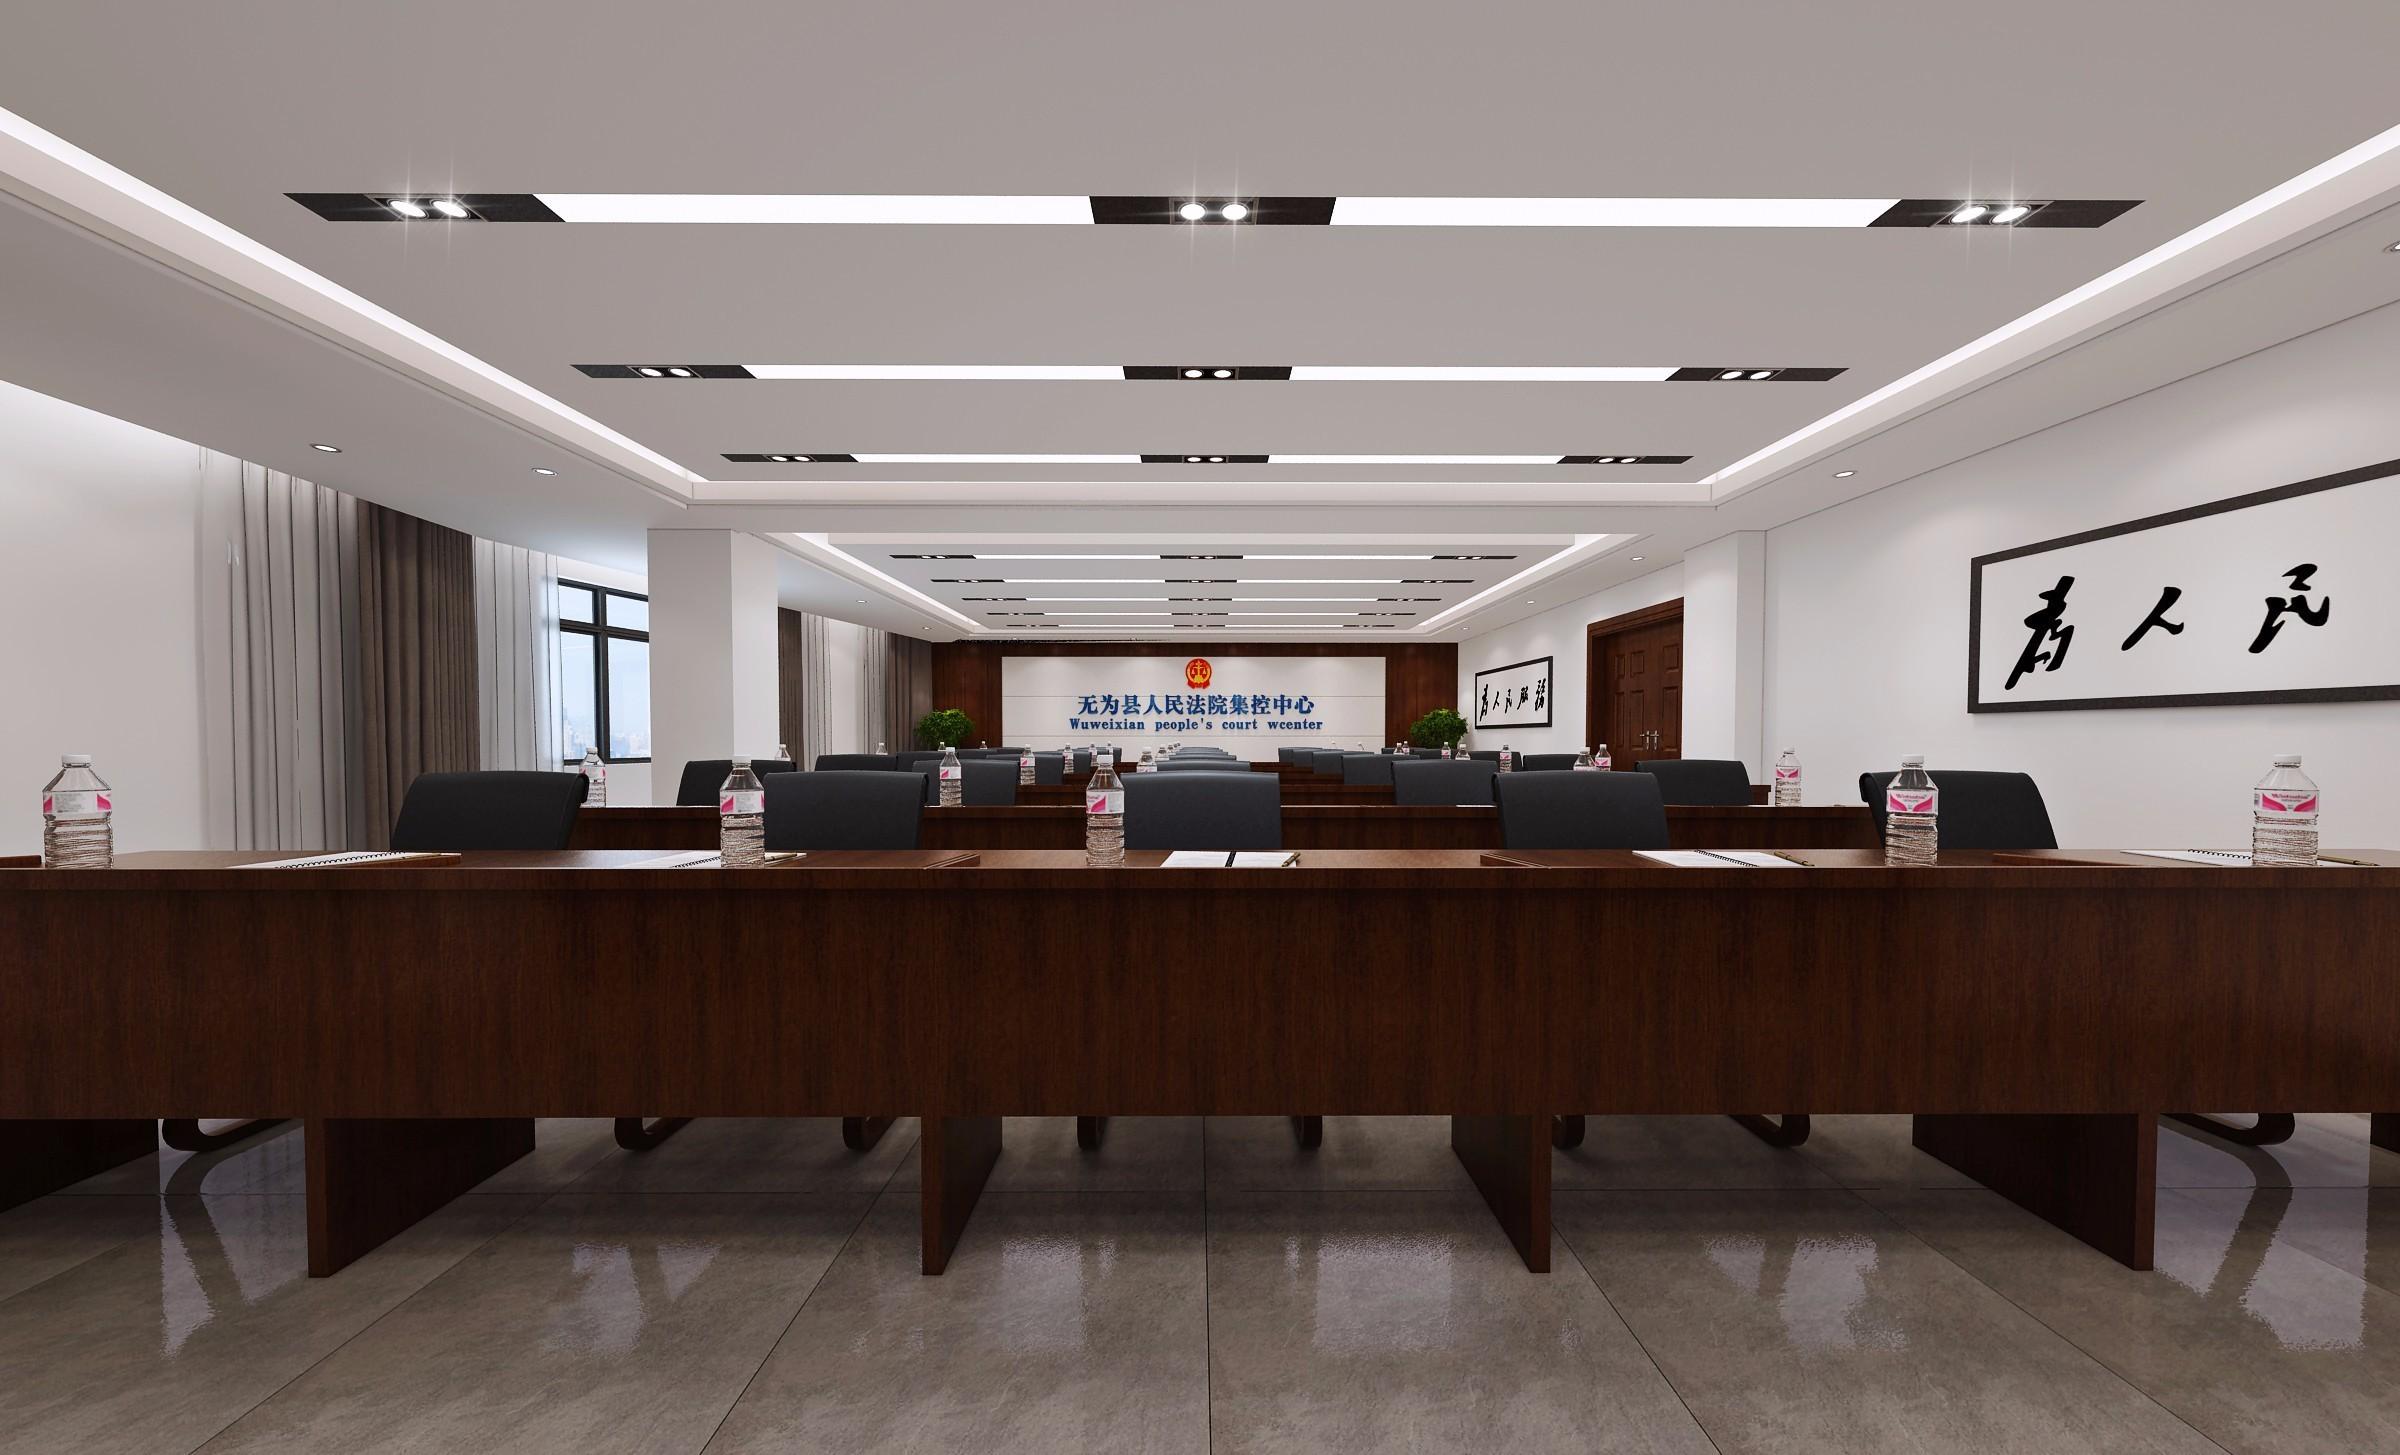 政府机关办公室装修效果图